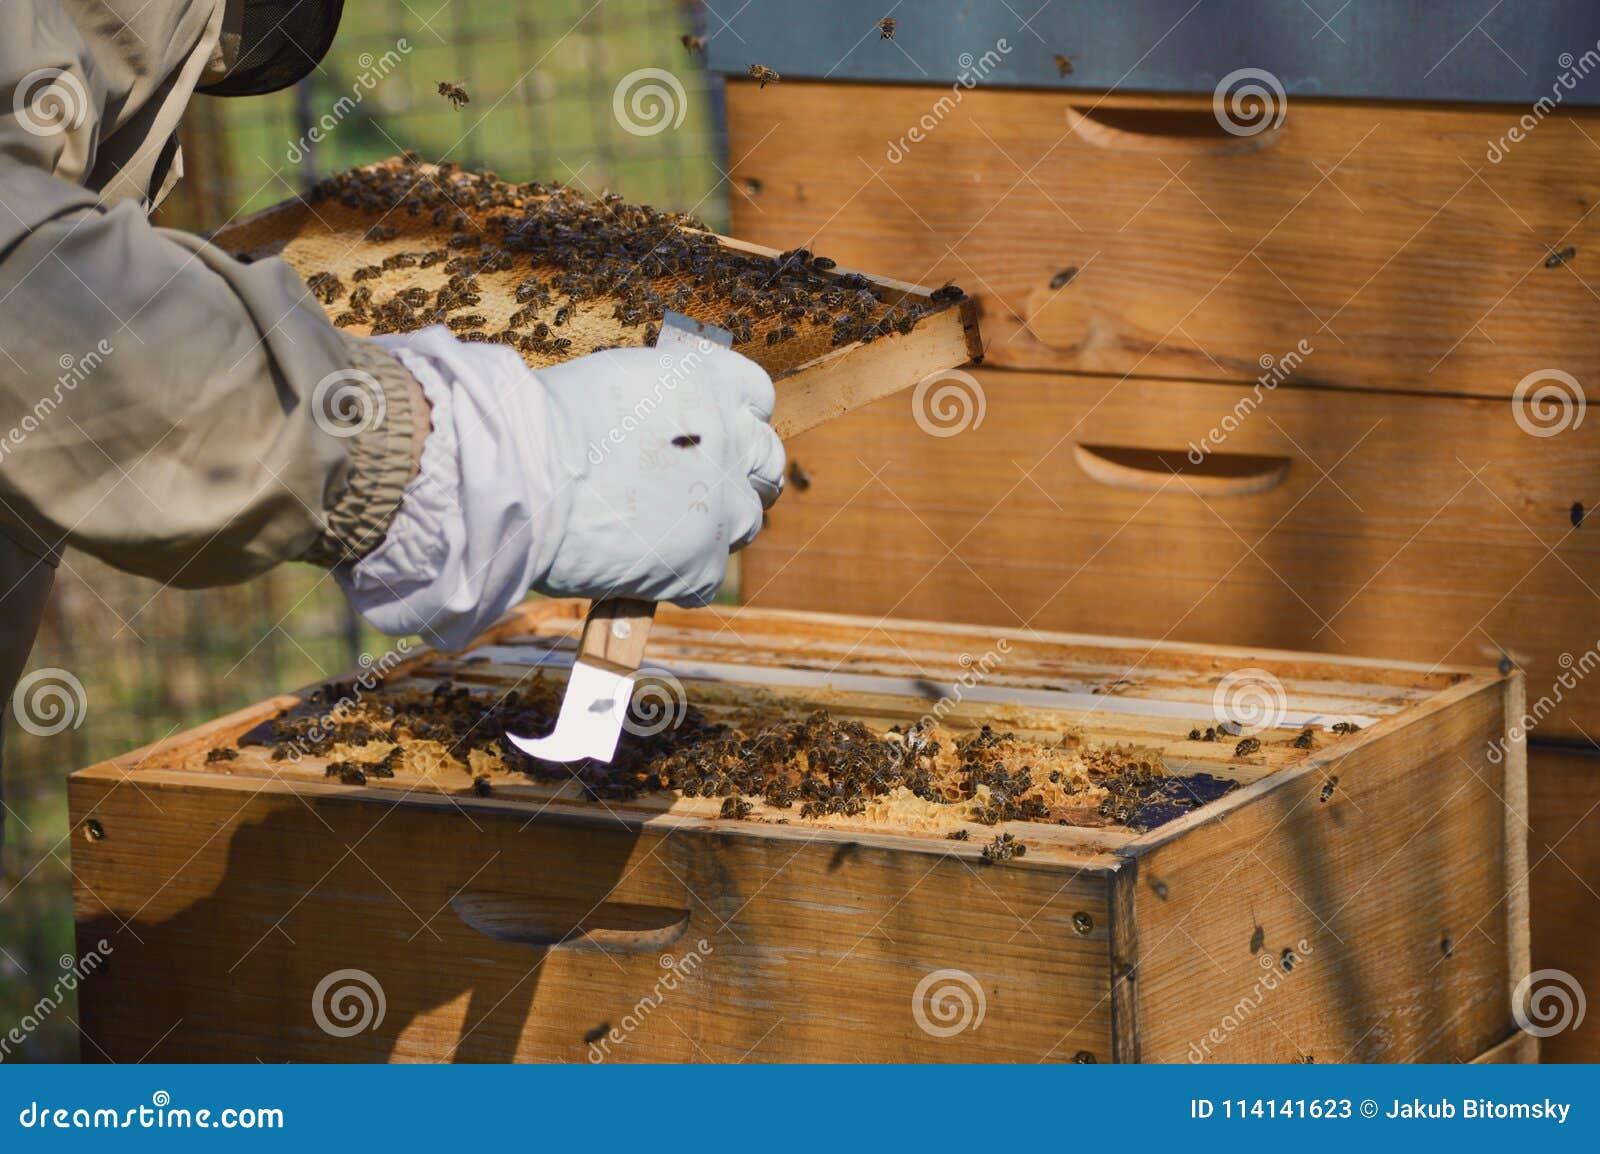 A little beekeeping